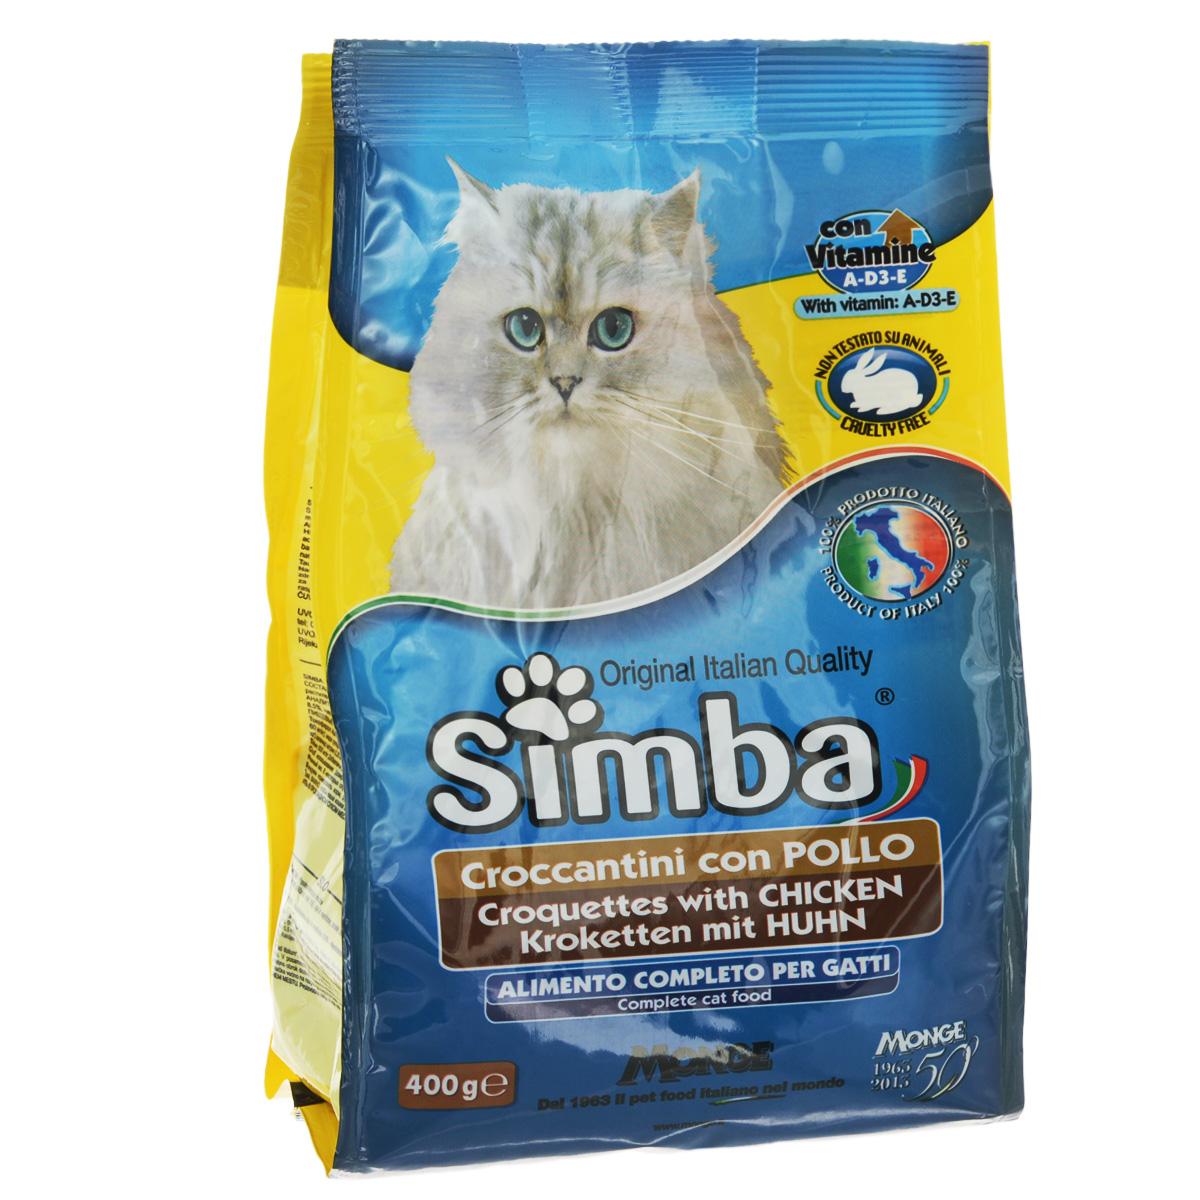 Корм сухой Monge Simba для взрослых кошек с курицей, 400 г70005562Сухой корм Monge Simba - это полноценный корм для кошек с витаминами A, D3, E, которые способствуют укреплению здоровья и отличного состояния животных. Оптимальное содержание белка гарантируется наличием куриного мяса.Состав: злаки, мясо и мясопродукты (курица мин. 5%), побочные продукты растительного происхождения, масла и жиры, витамины, минеральные вещества.Анализ компонентов: белок 21%, масла и жиры 11%, сырая клетчатка 2,5%, сырая зола 8,5%. Витамины и добавки на 1 кг: витамин А 11 500 МЕ, витамин D3 800 МЕ, витамин Е 80 мг, сульфат марганца 43 мг (марганец 15 мг), оксид цинка 90 мг (цинк 60 мг), сульфат меди 22 мг (медь 5,5 мг), сульфат железа 150 мг (железо 50 мг), селенит натрия 0,20 мг (селен 0,09 мг), йодат кальция 1,15 мг (йод 0,7 мг), таурин 500мг, антиоксиданты ЕЭС.Товар сертифицирован.